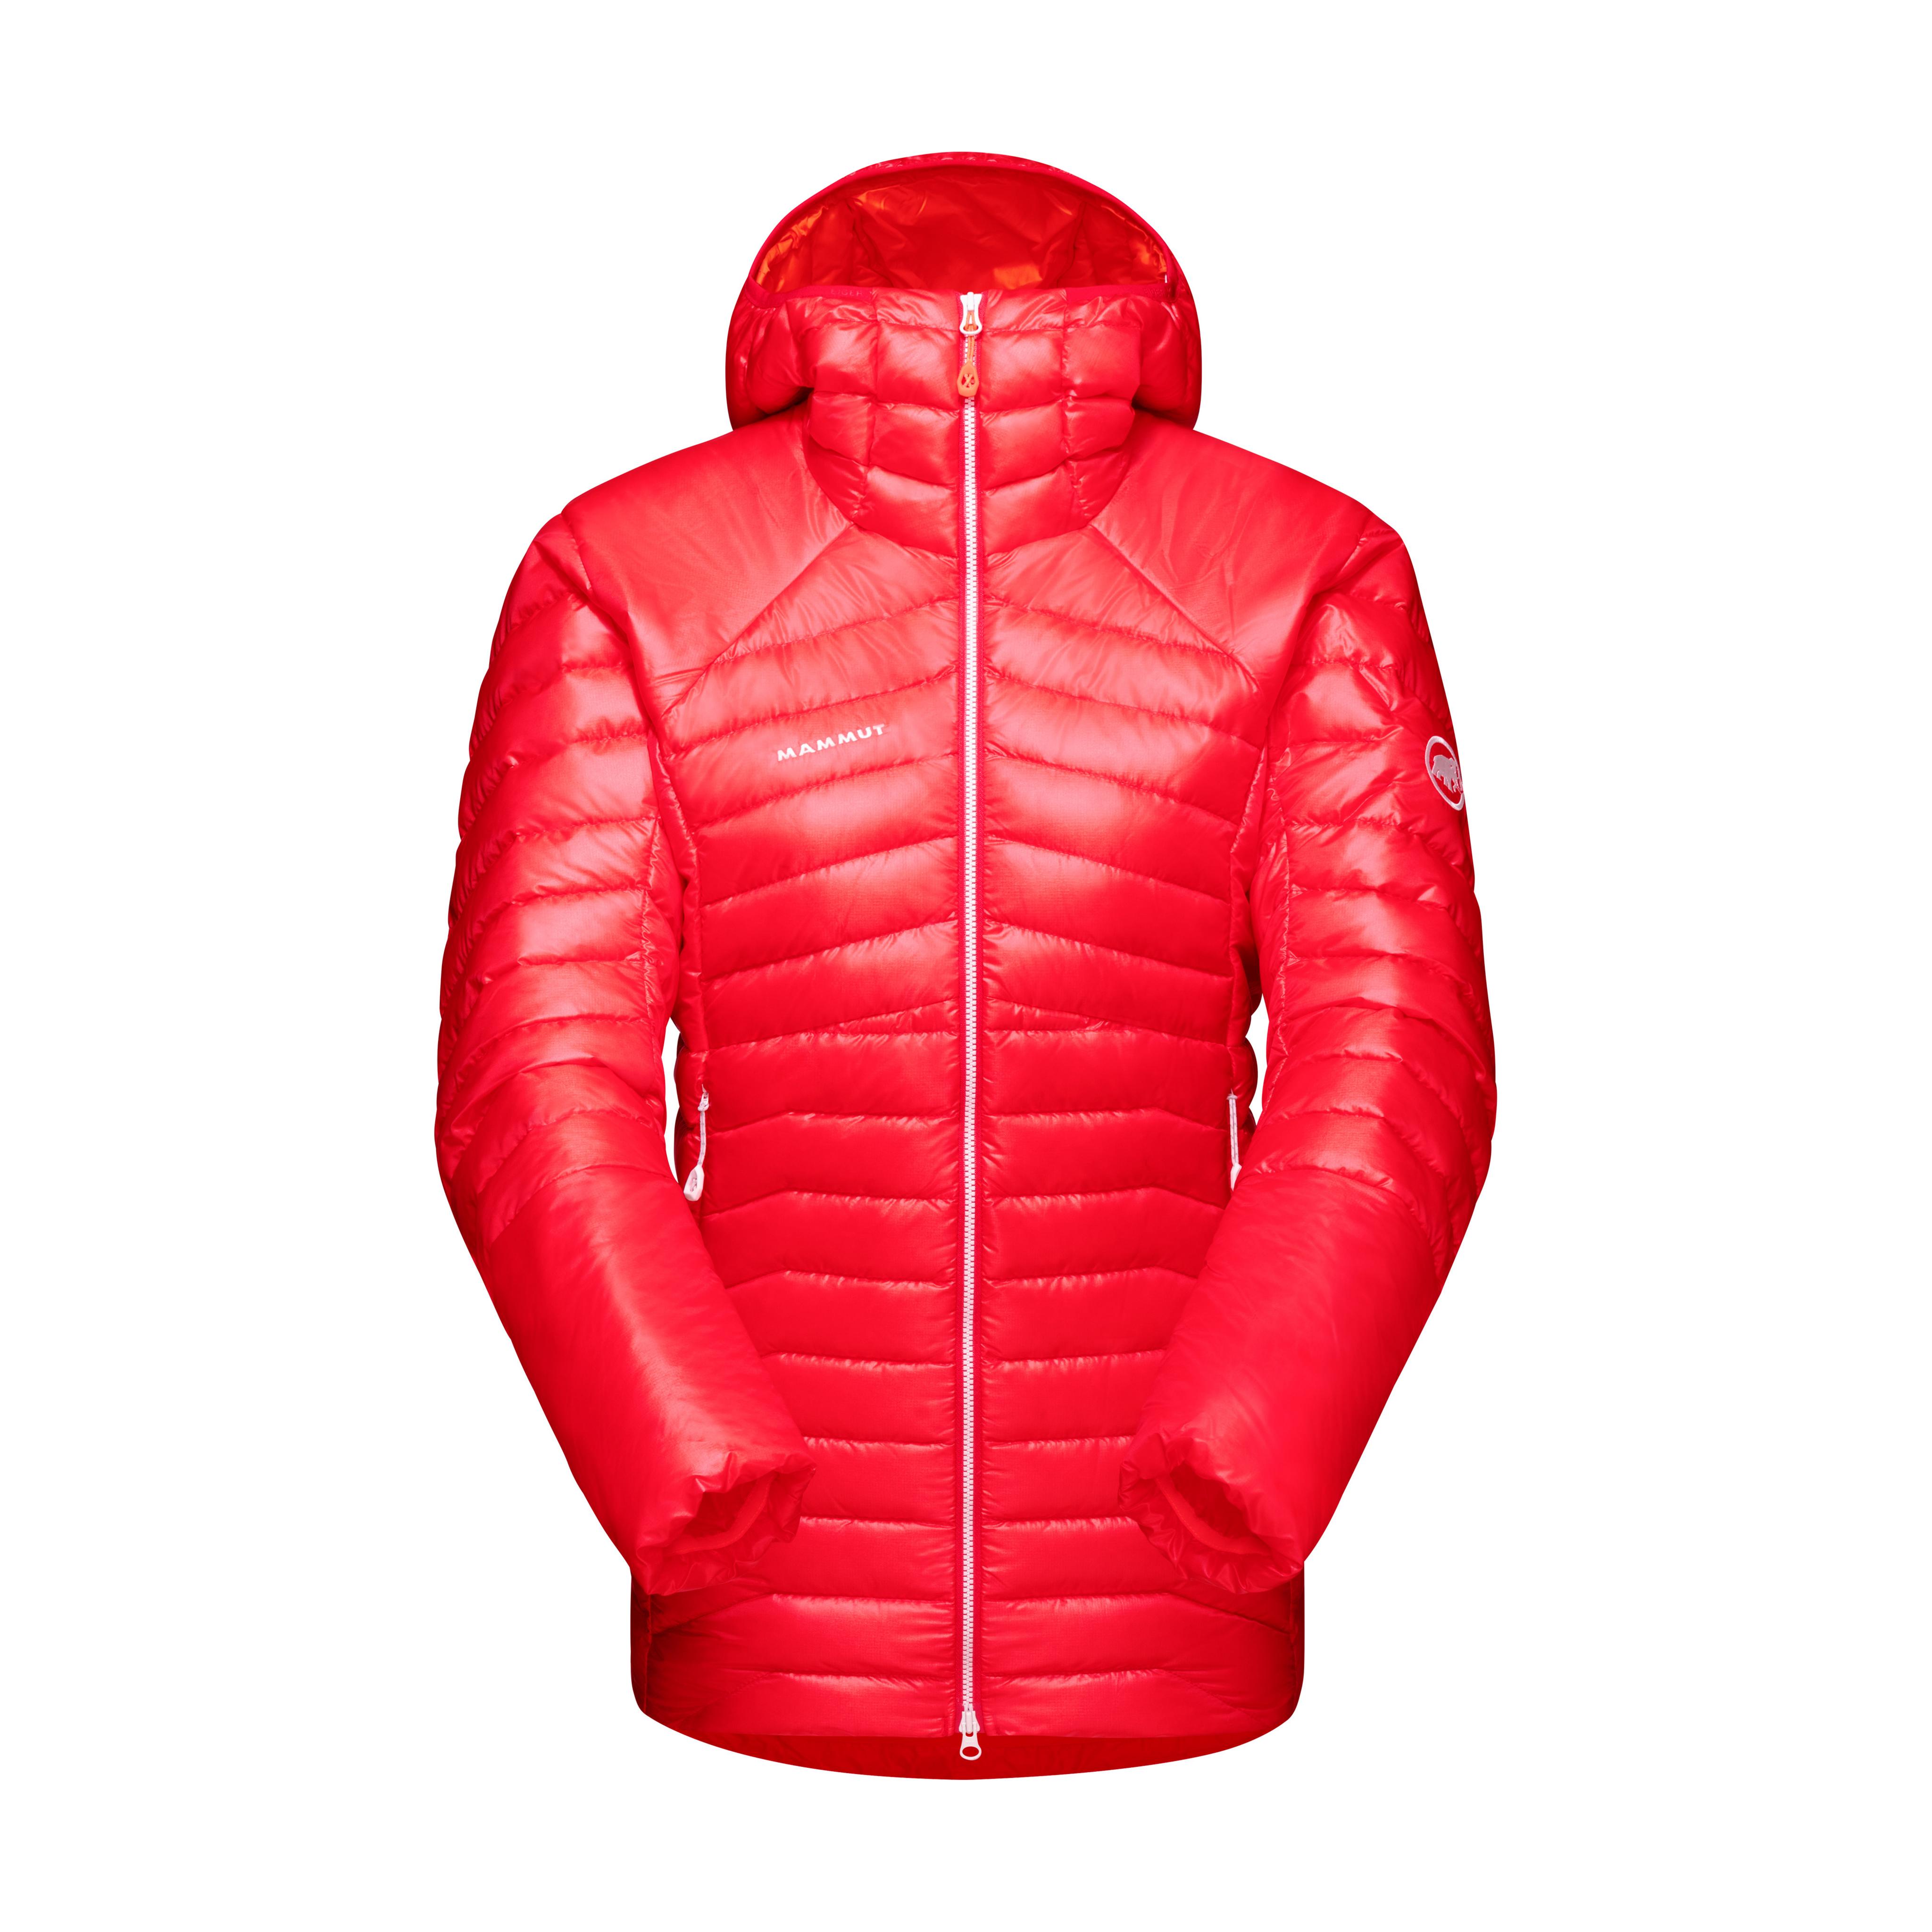 Eigerjoch Advanced IN Hooded Jacket Women - azalea, XS thumbnail